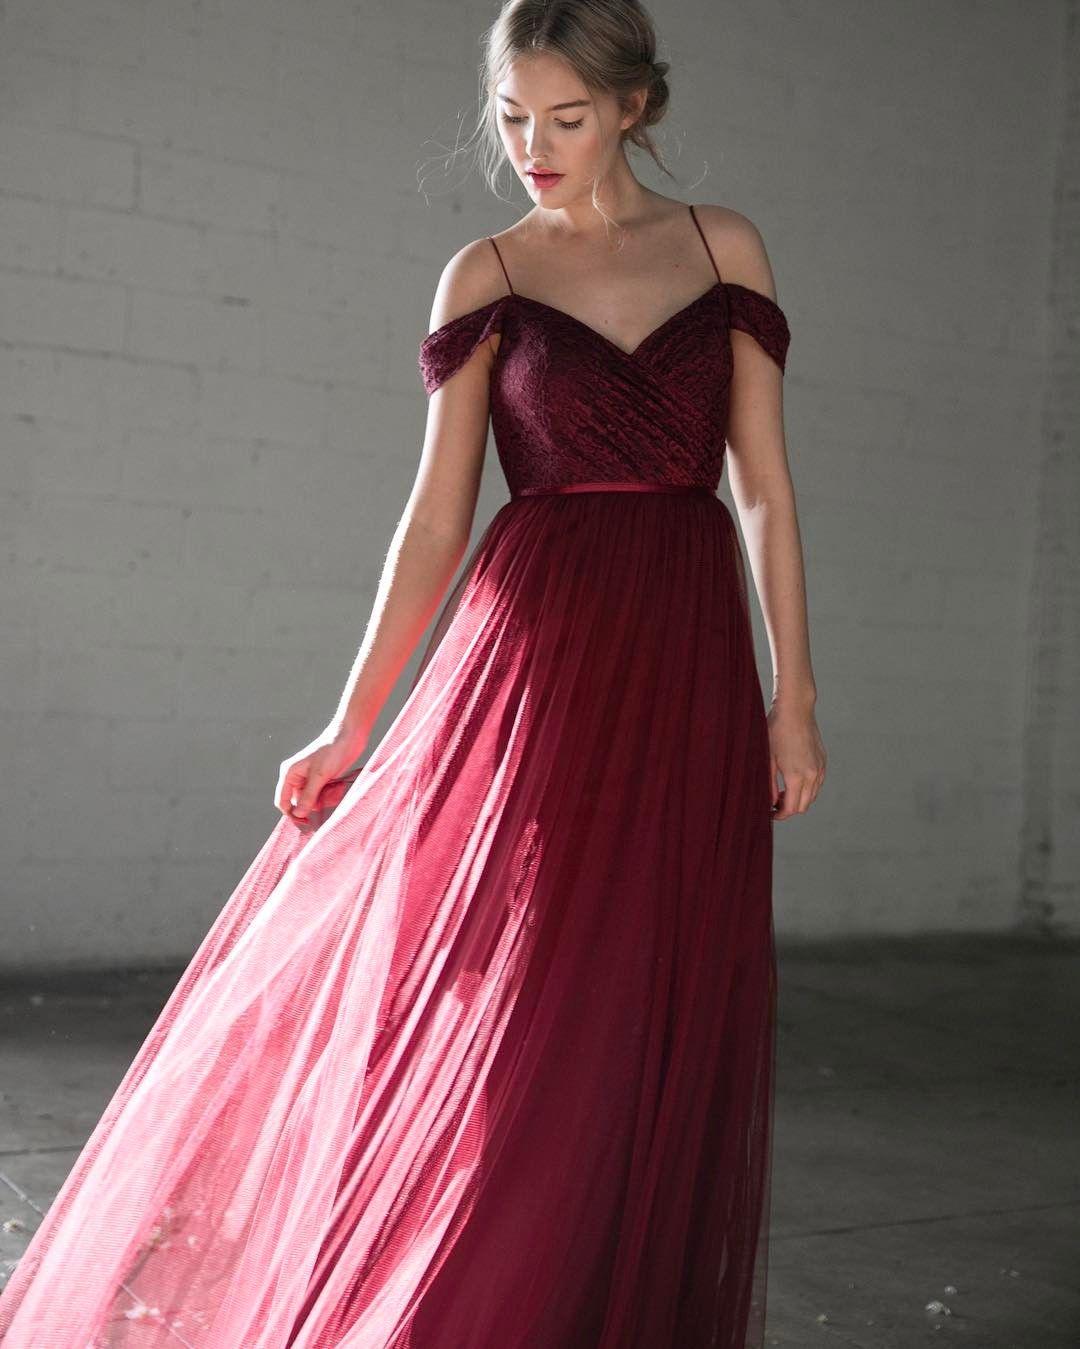 burgundy bridesmaid dresses with off shoulder design,simple but elegant